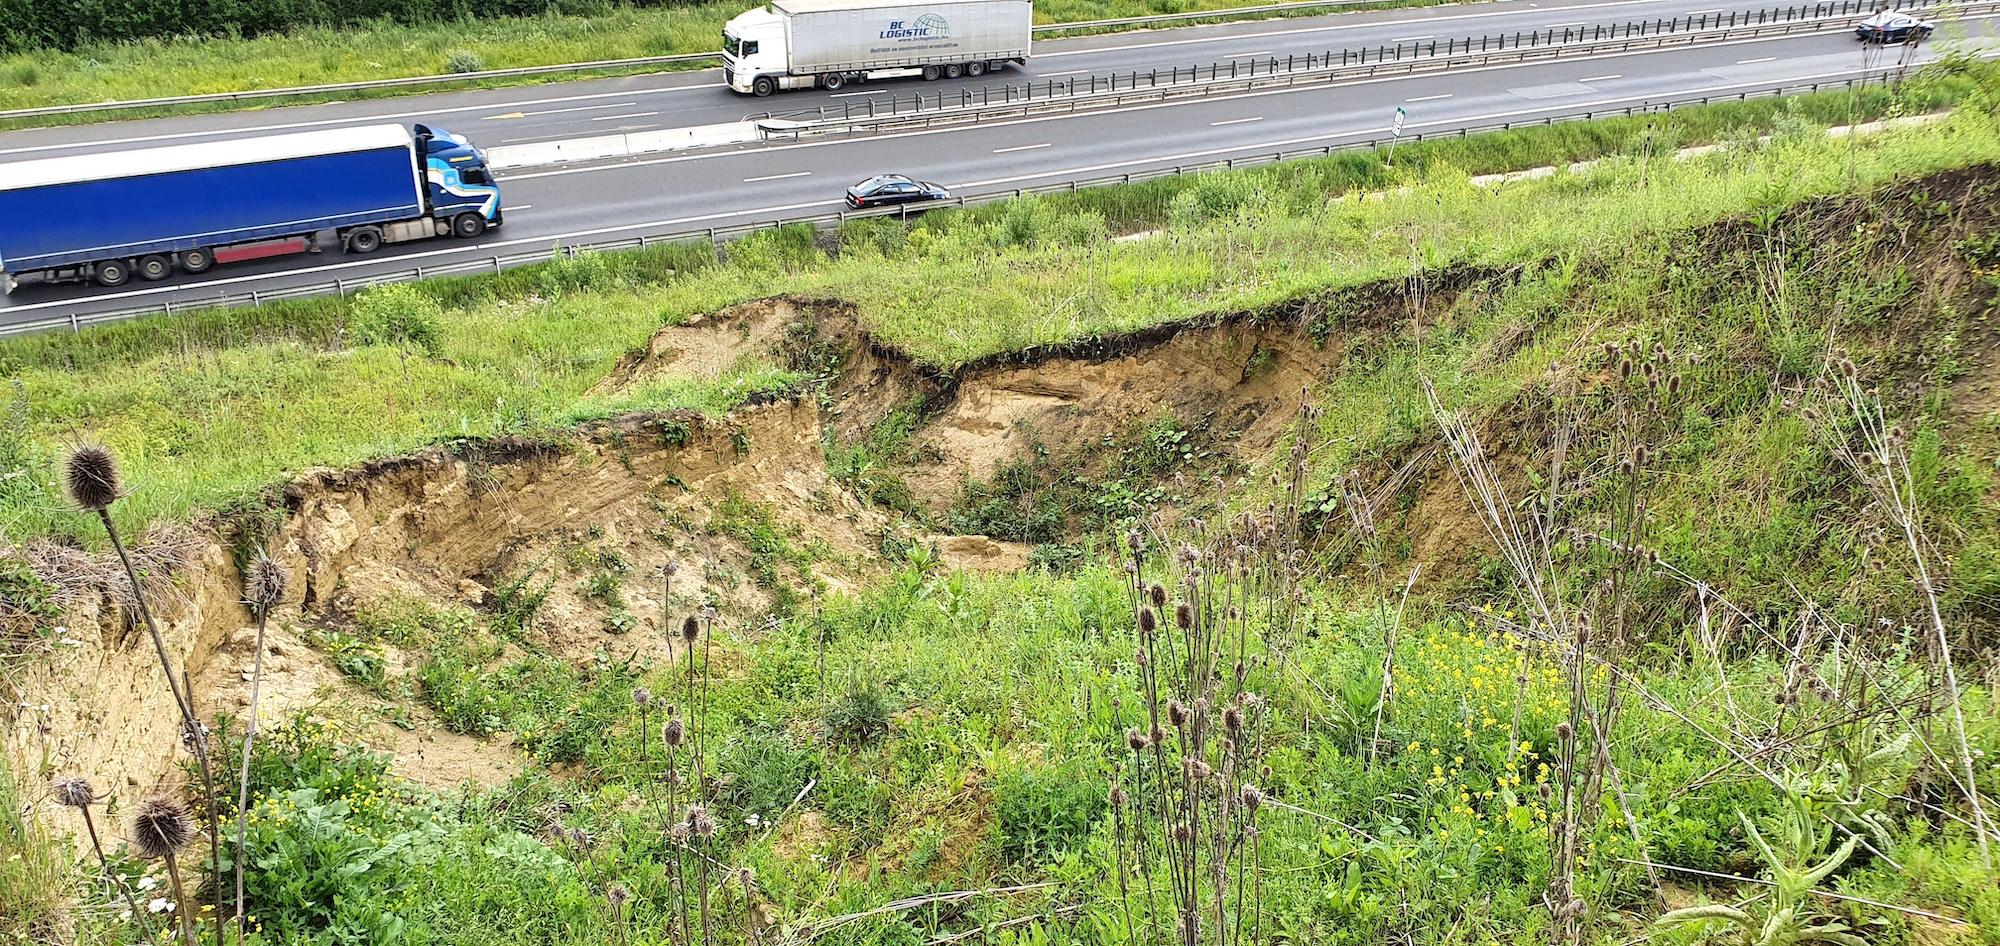 Jumătate de km dintr-un alt deal alunecă înspre autostradă. O parte a și ajuns la drum